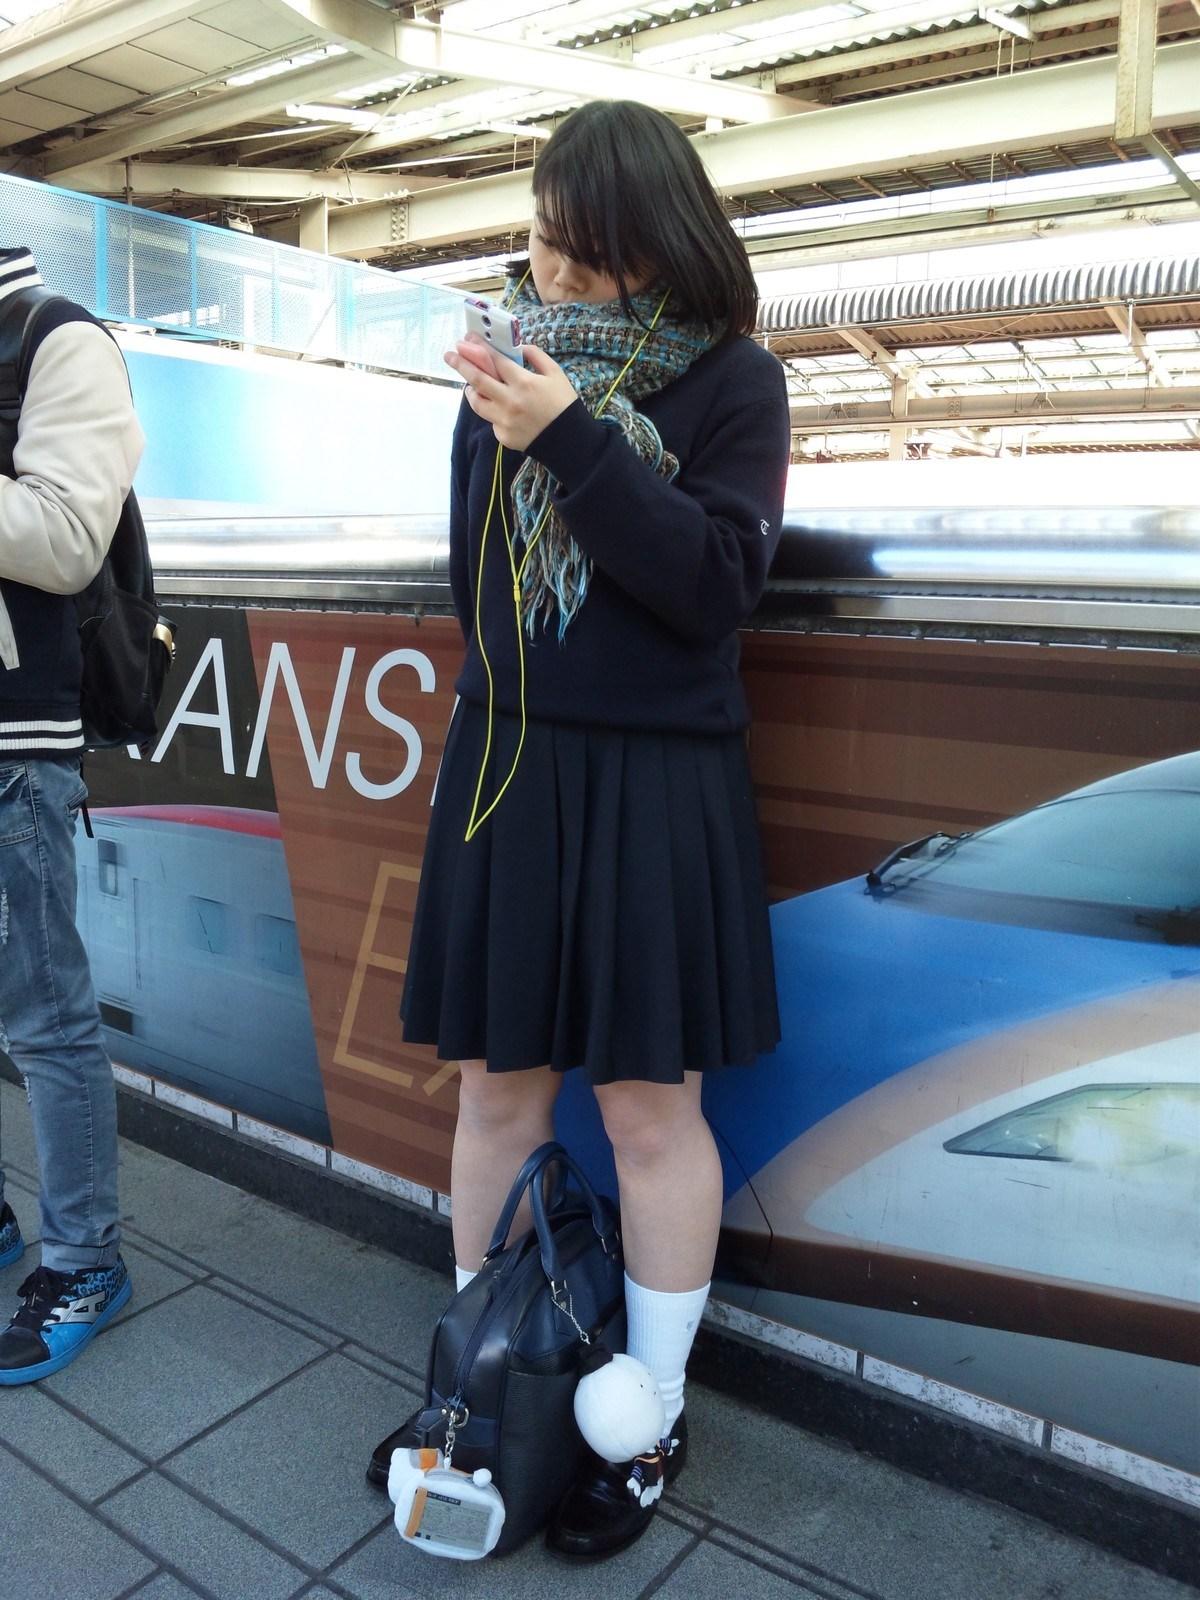 盗撮エロ画像電車乗り場で待ってる制服jk撮たったw 女体